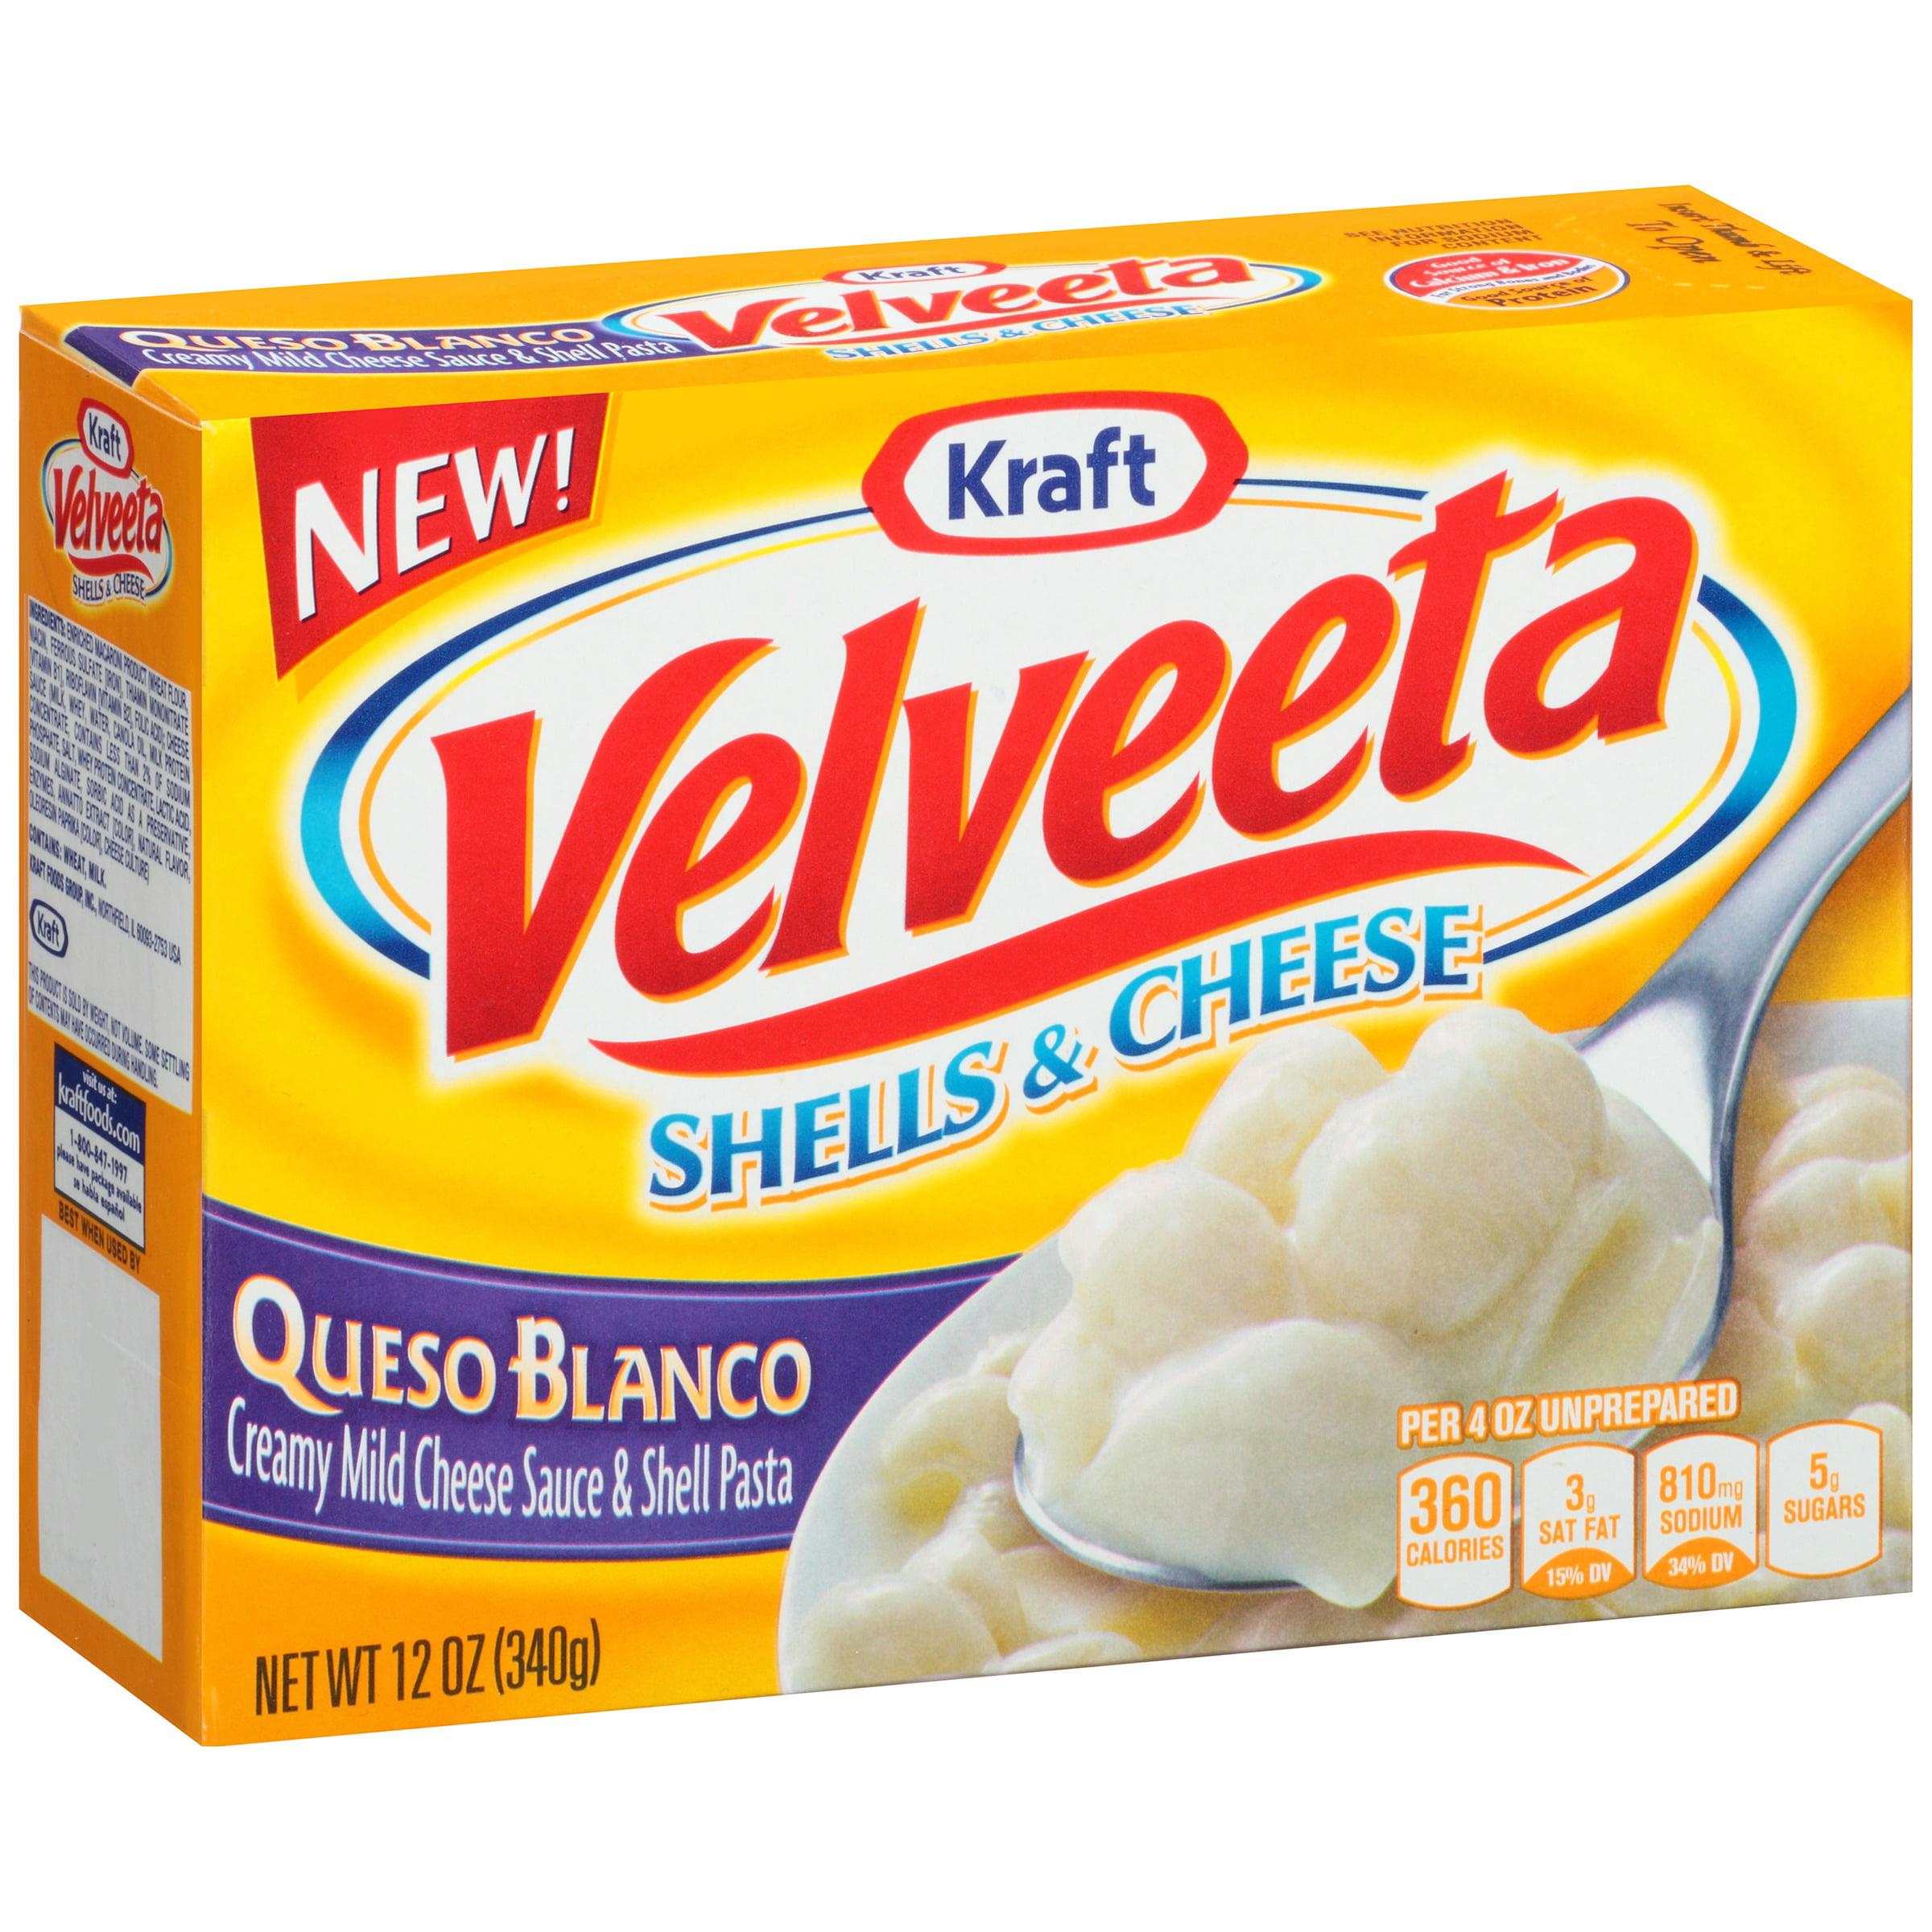 Kraft Velveeta Queso Blanco Shells & Cheese, 12 oz by Kraft Heinz Foods Company